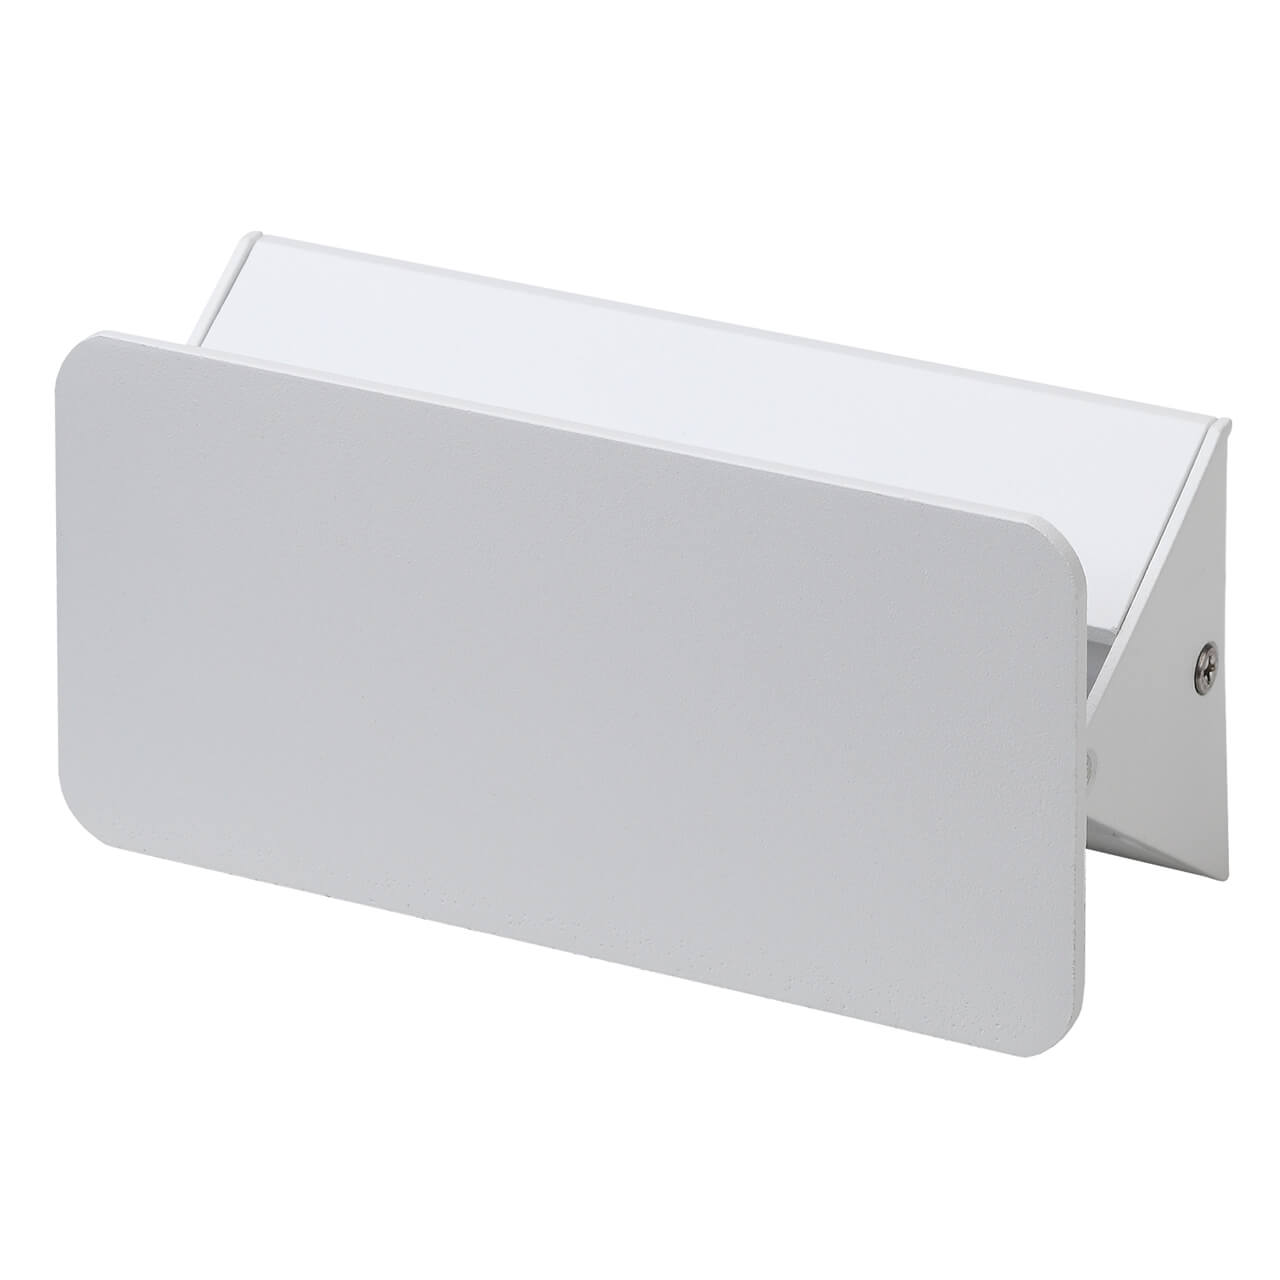 Настенный светодиодный светильник ЭРА Design WL5 WH все цены